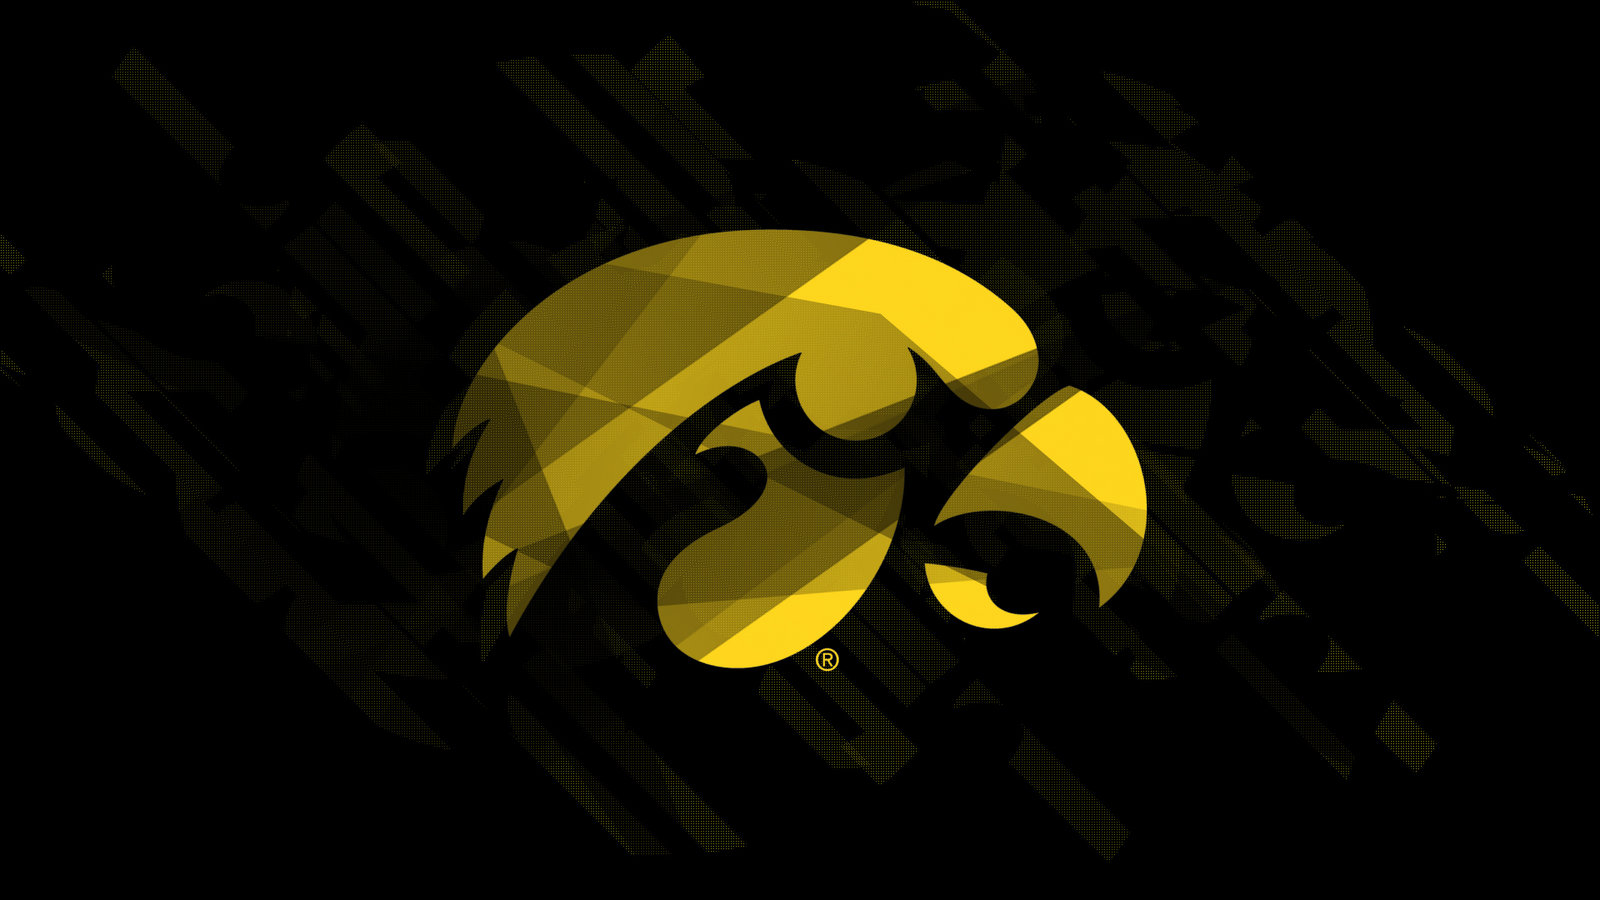 Iowa Hawkeyes Wallpaper by ValencyGraphics 1600x900